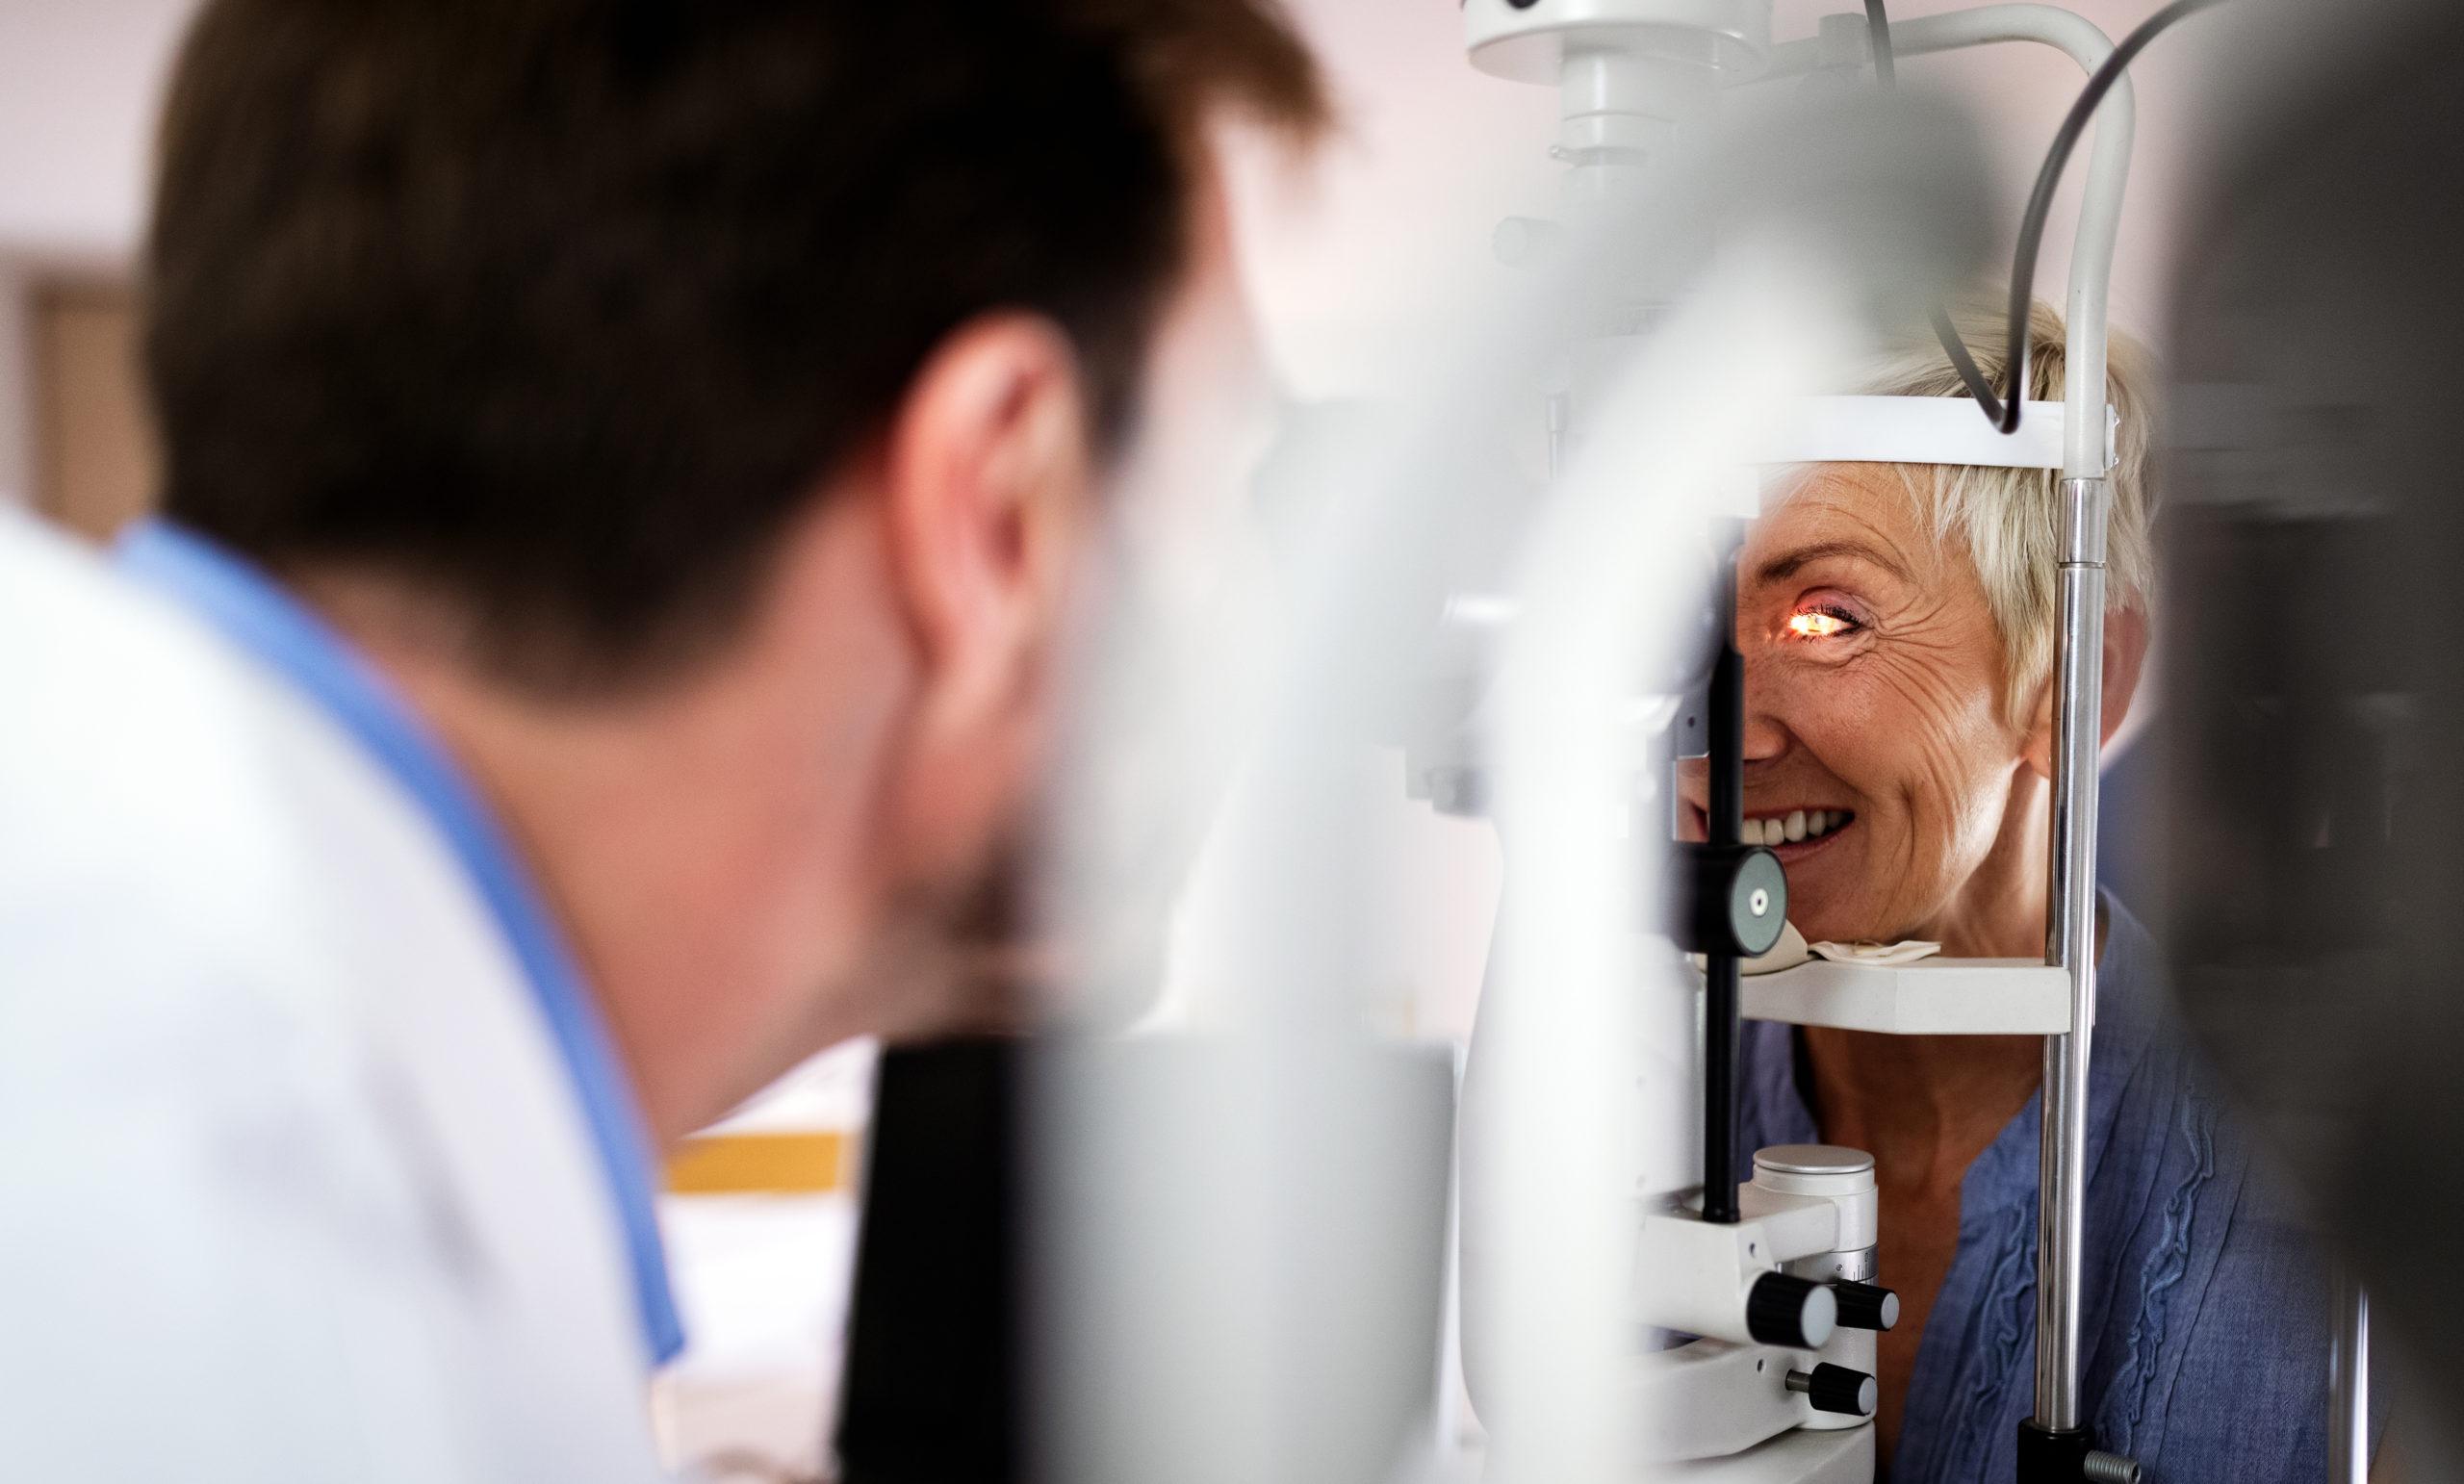 I fattori di rischio della degenerazione maculare legata all'età